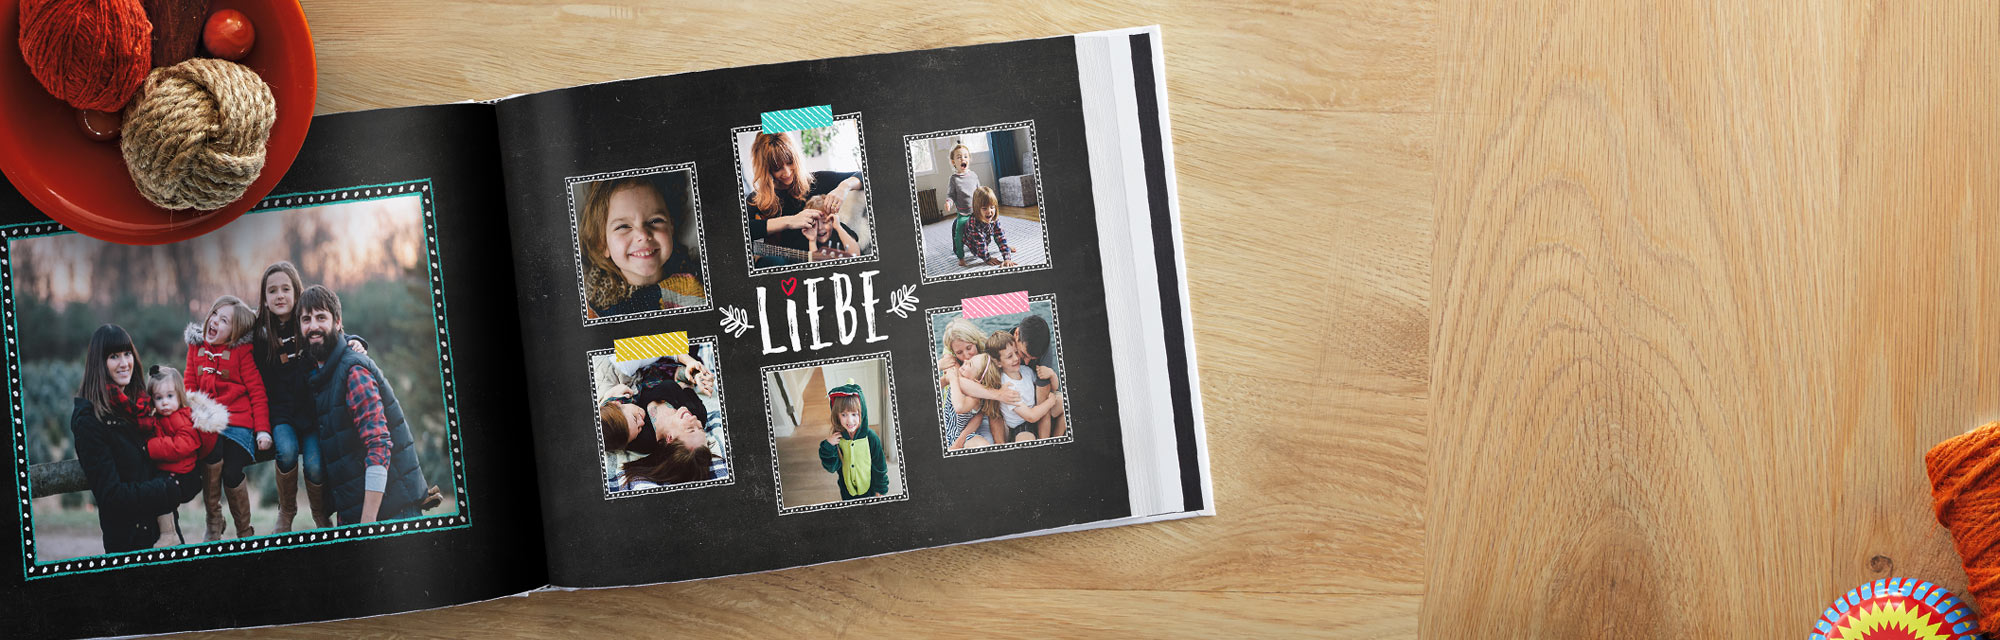 Zauberhaft : Die besonderen Momente des Lebens in einem Fotobuch verewigen